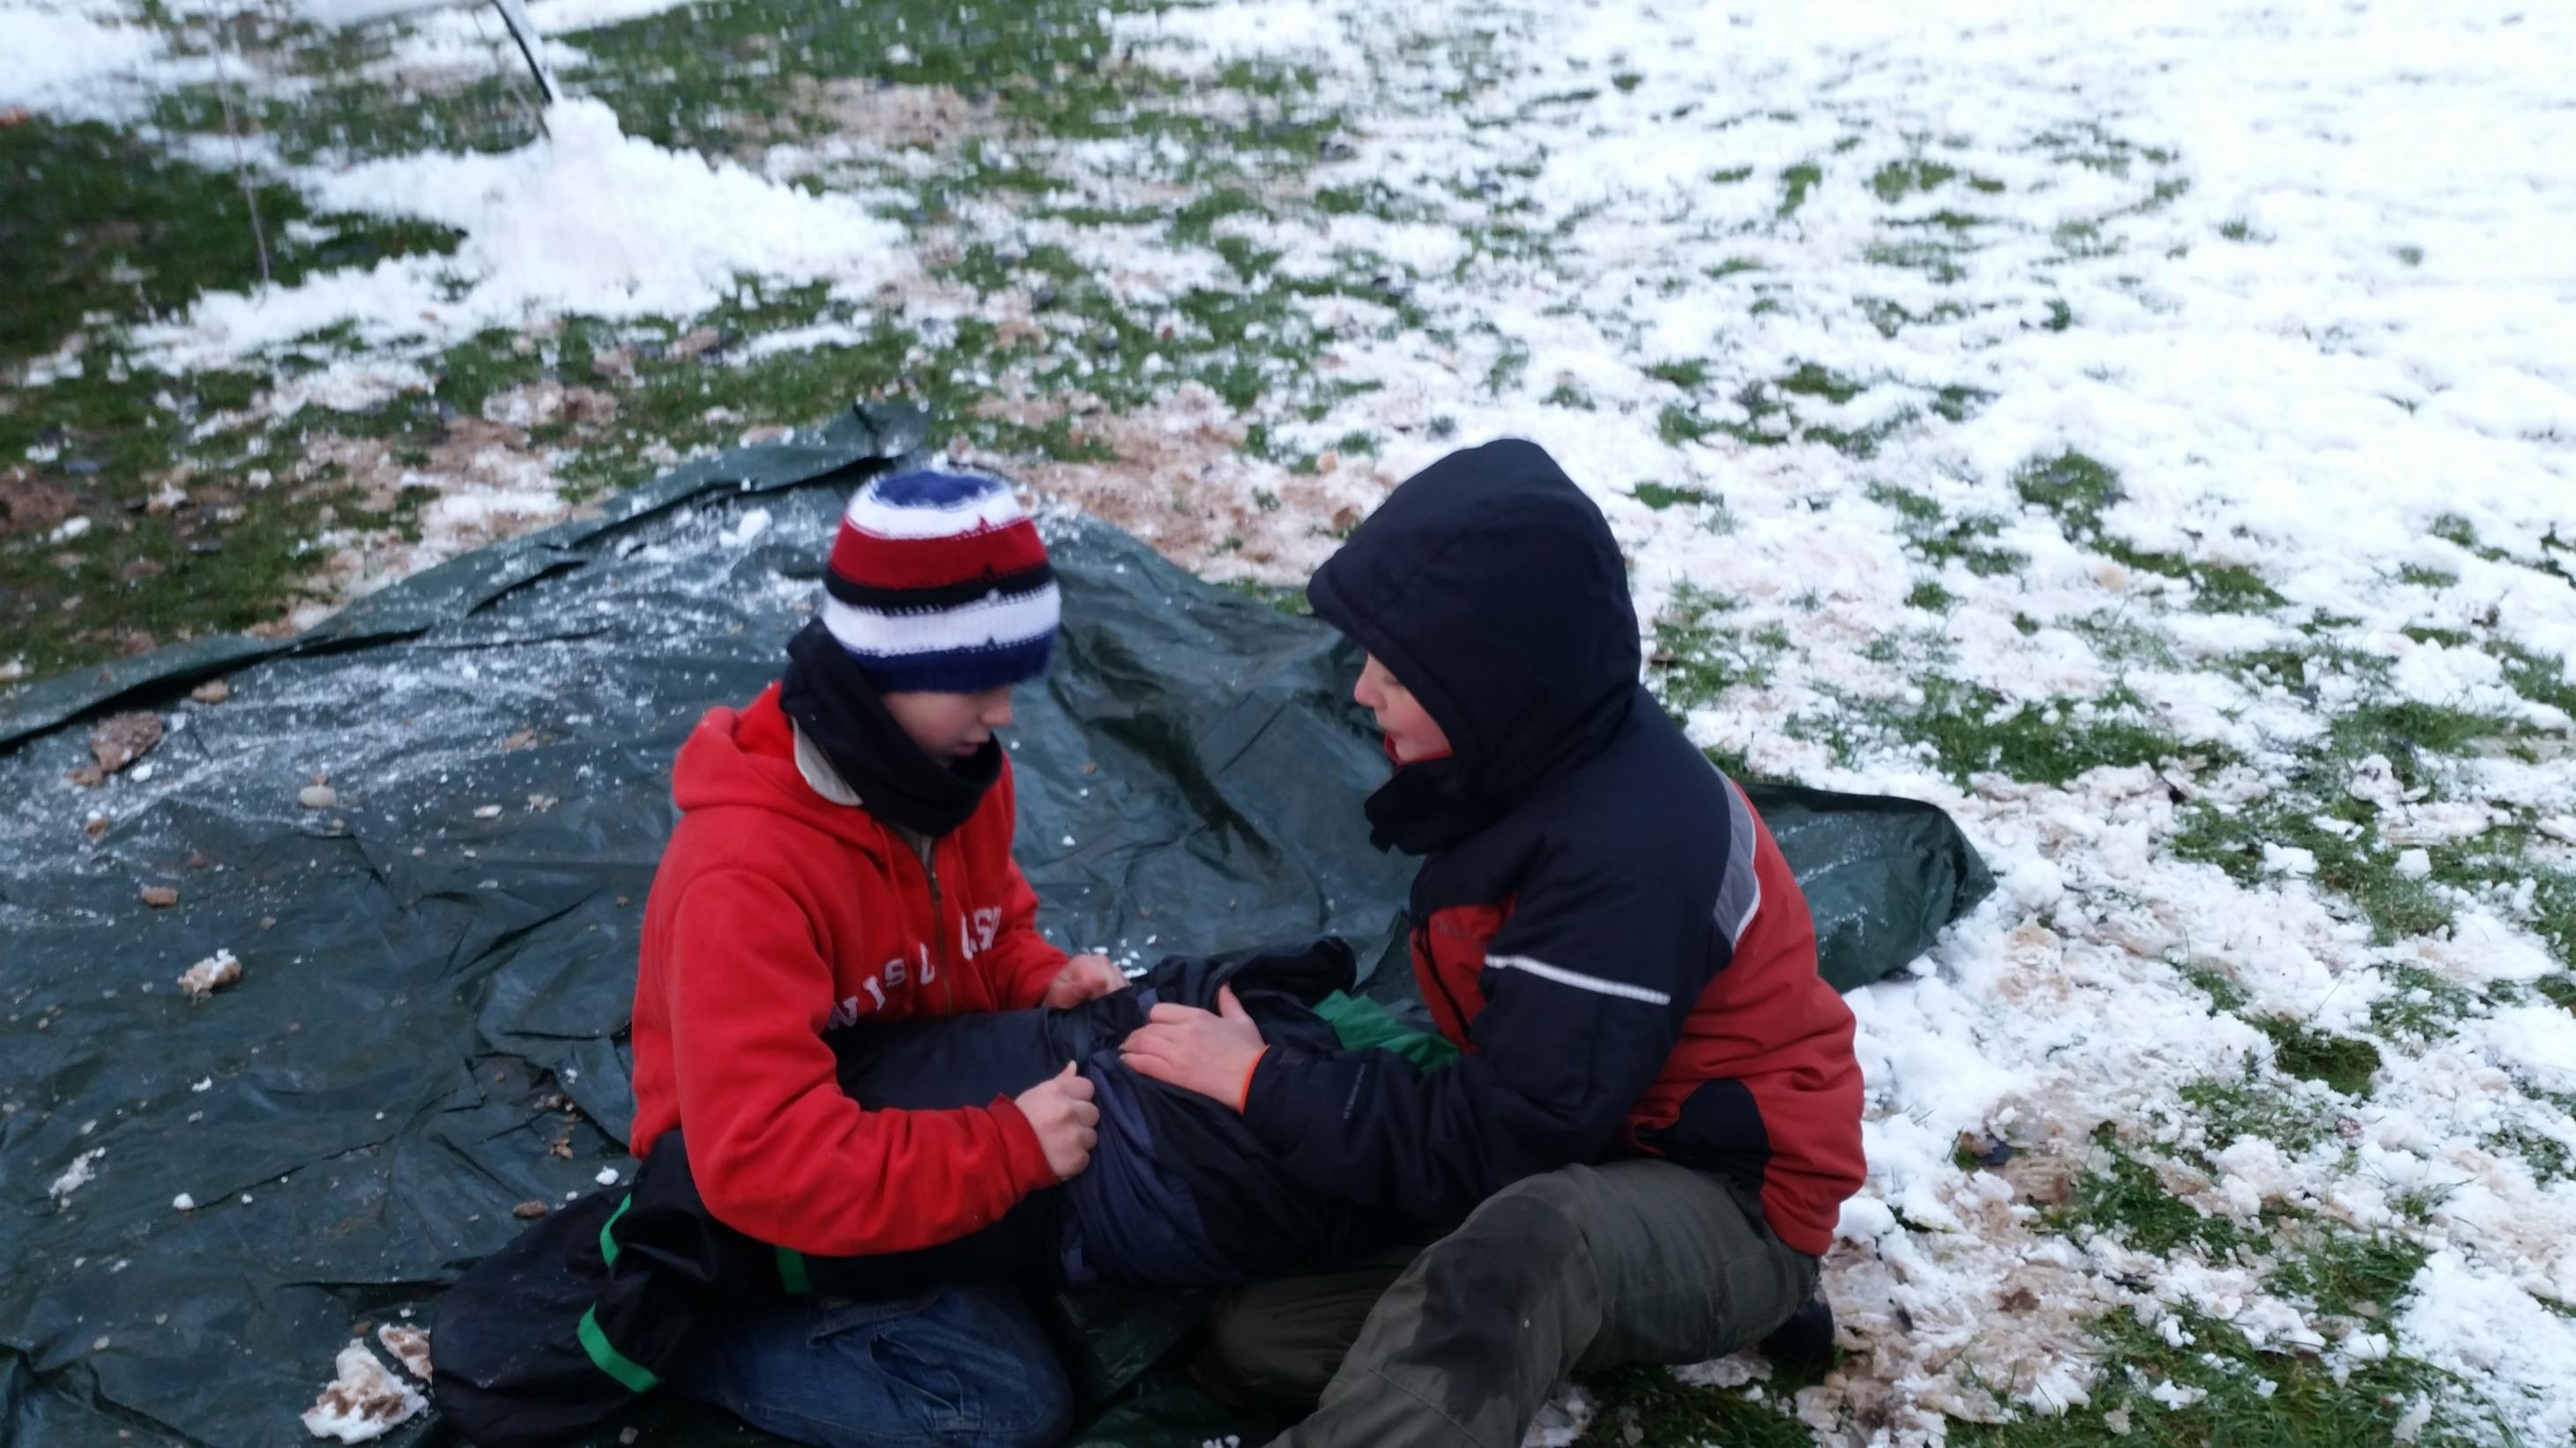 Fishing altensteig november 2015 troop324 stuttgart germany for Fishing in november